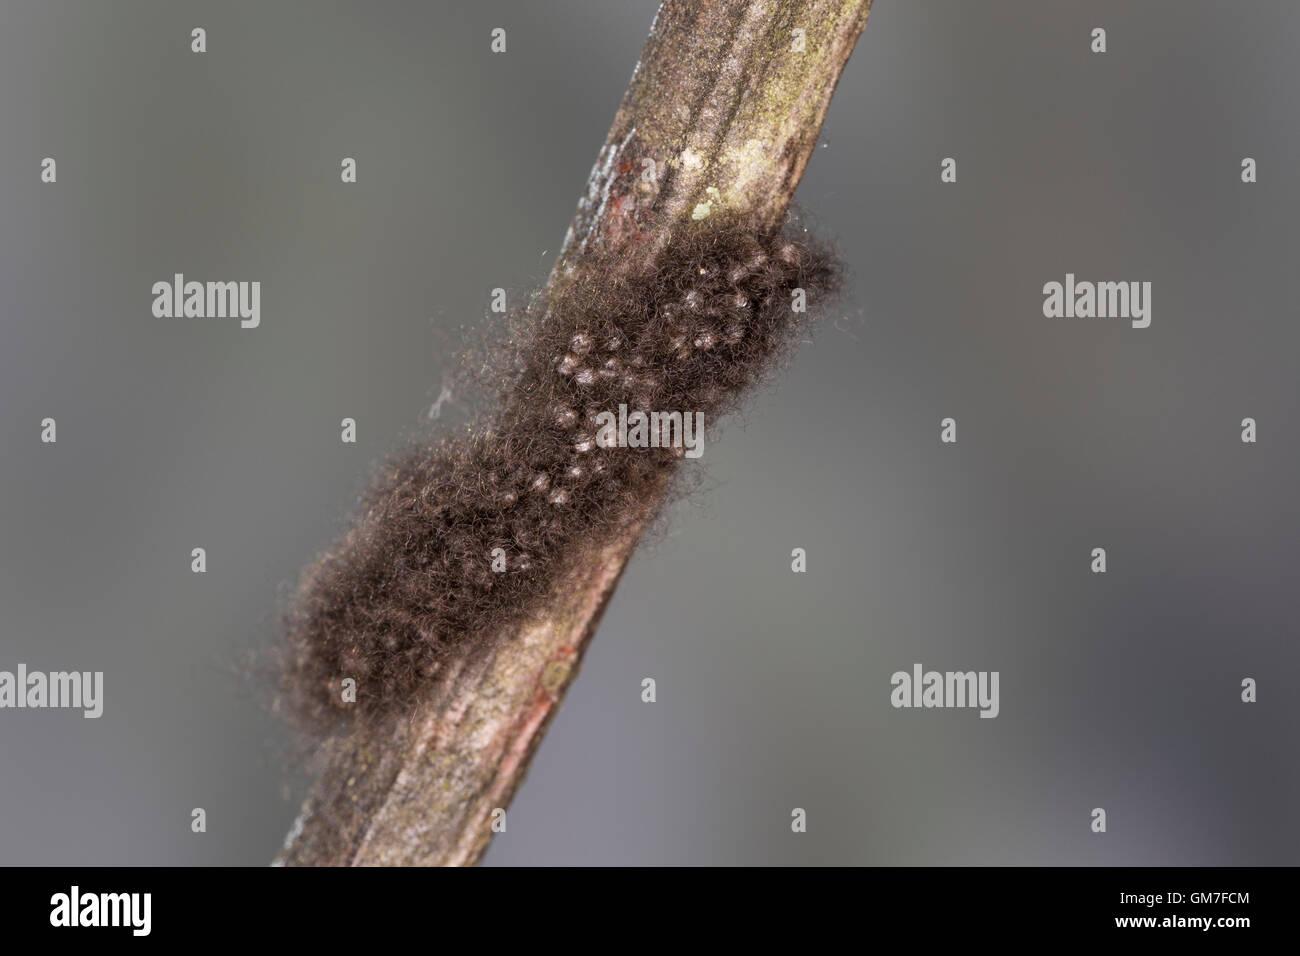 Frühlings-Wollafter, Ei, Eier, Gelege, Wollafter, Eigelege, Eriogaster Lanestris, Bombyx Lanestris, kleine Stockbild